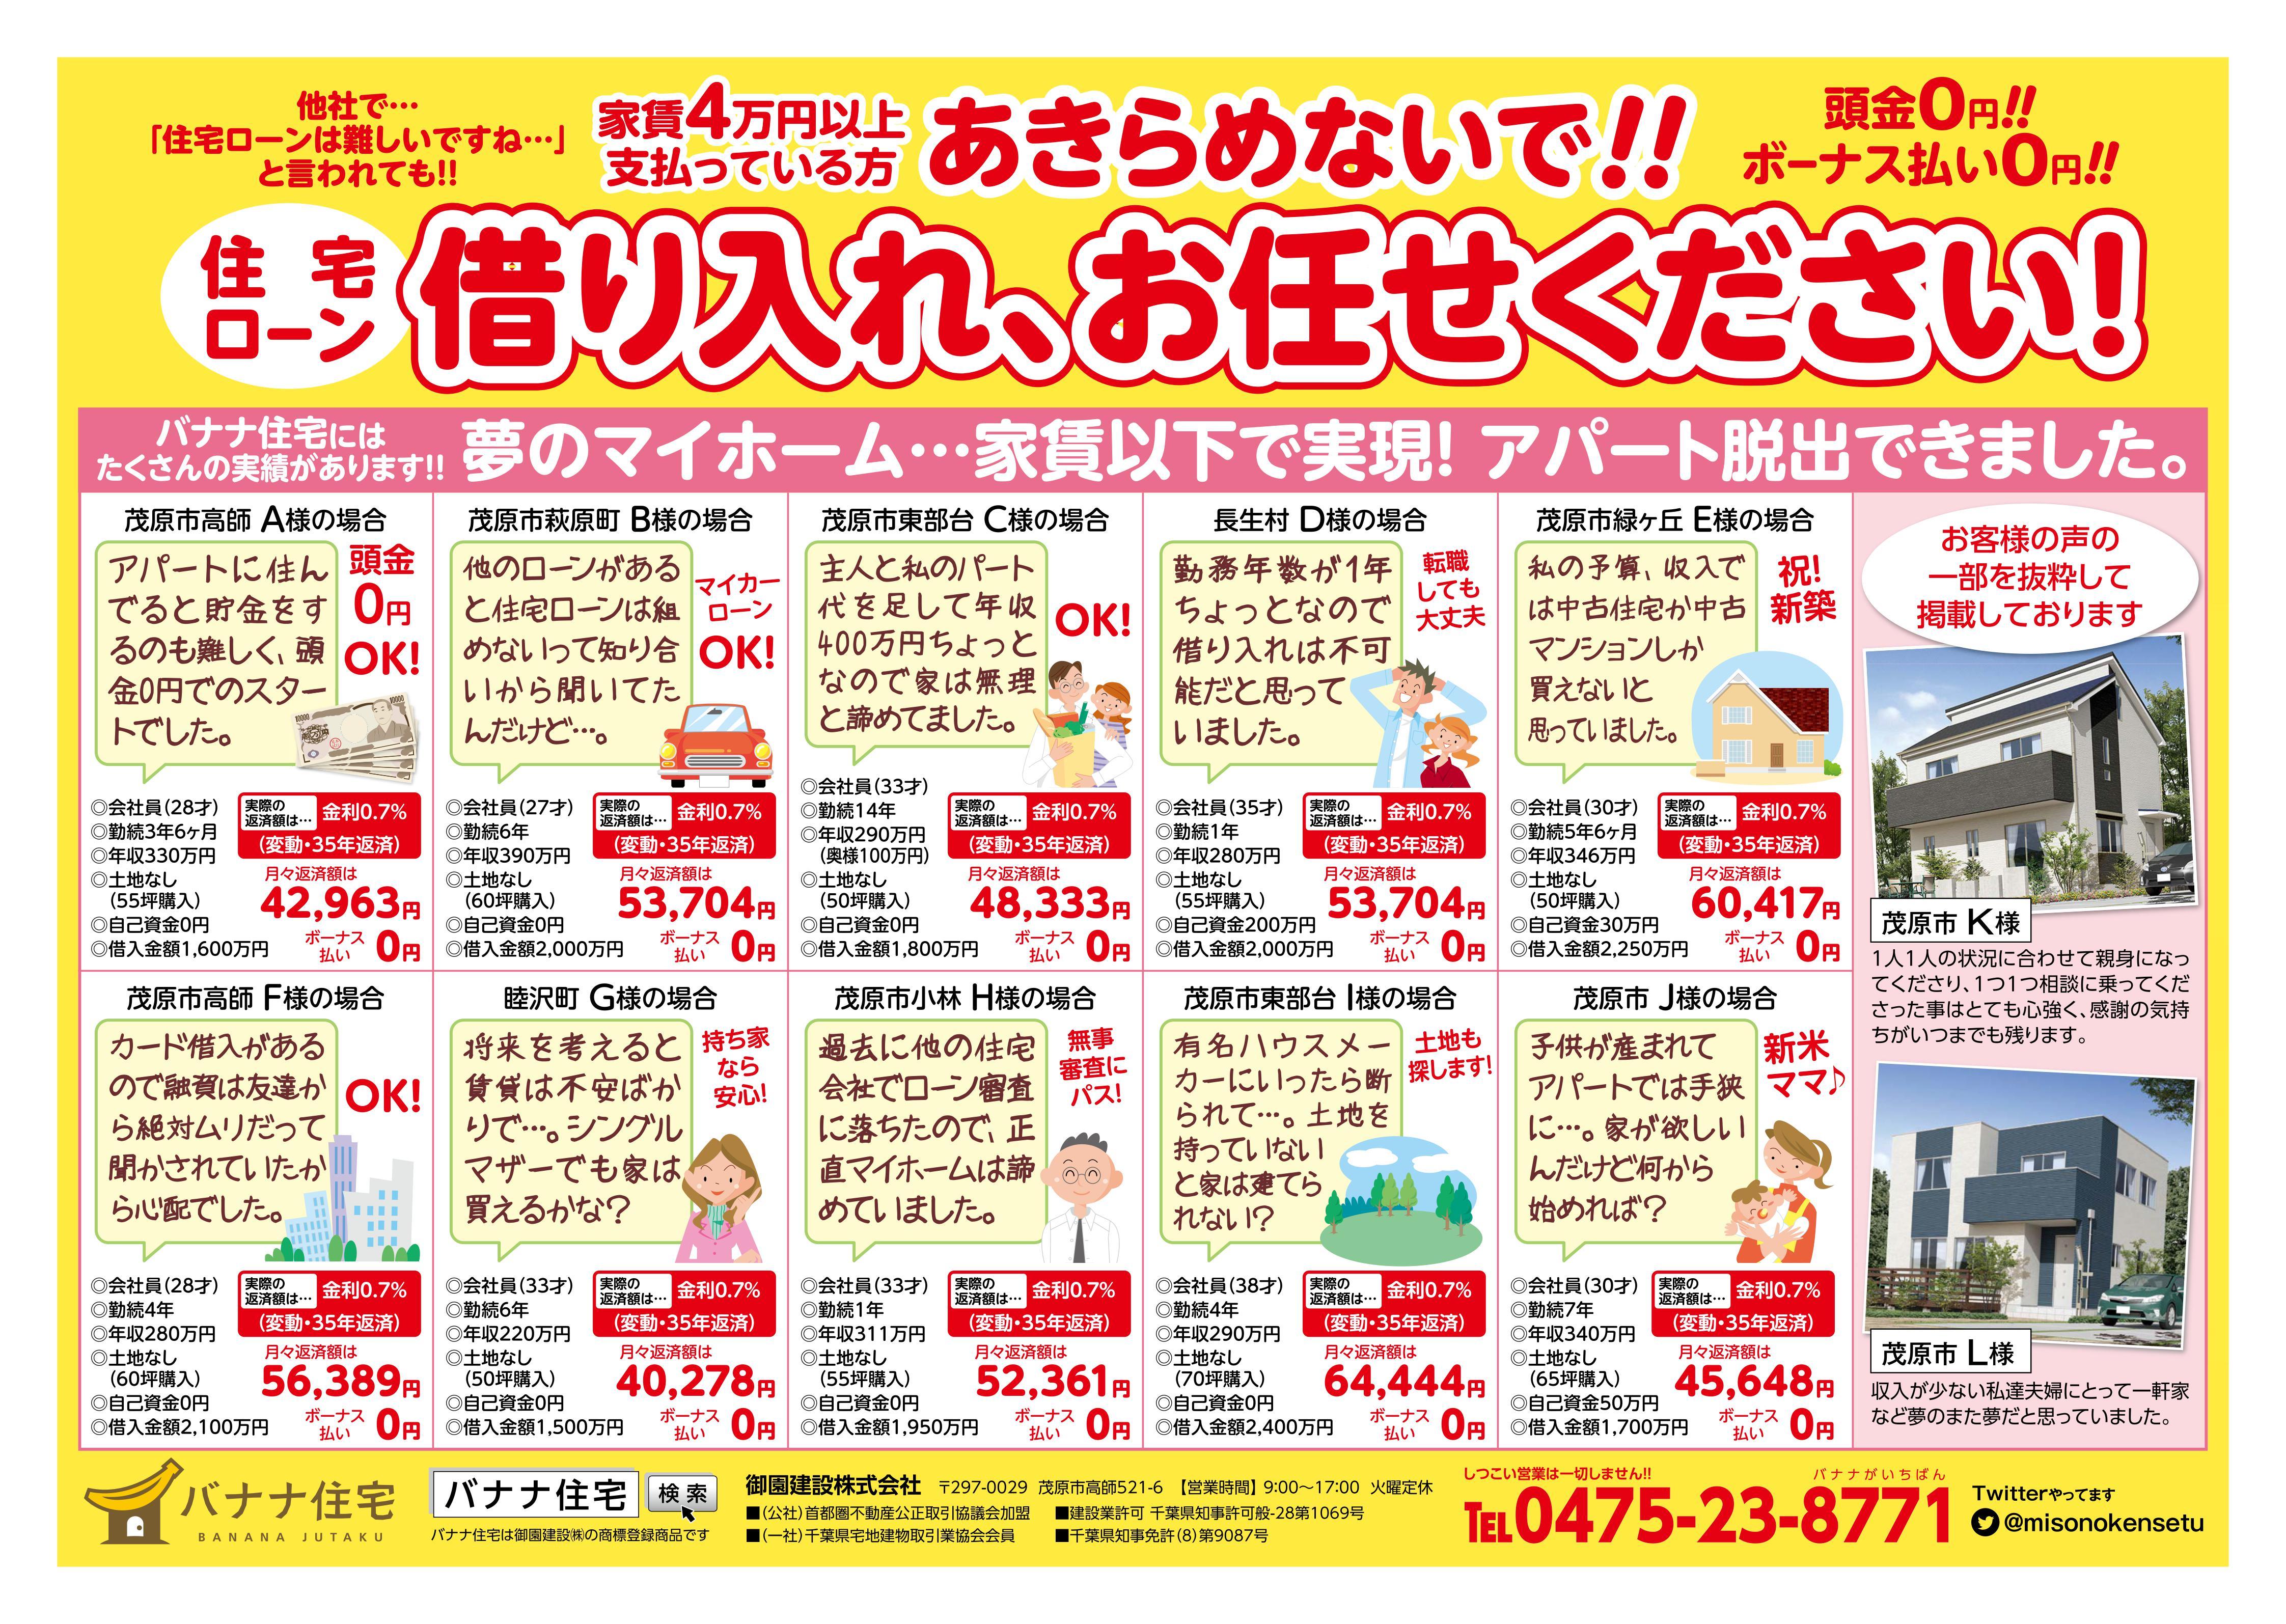 バナナ住宅本社でマイホーム相談会!5月4日~6日